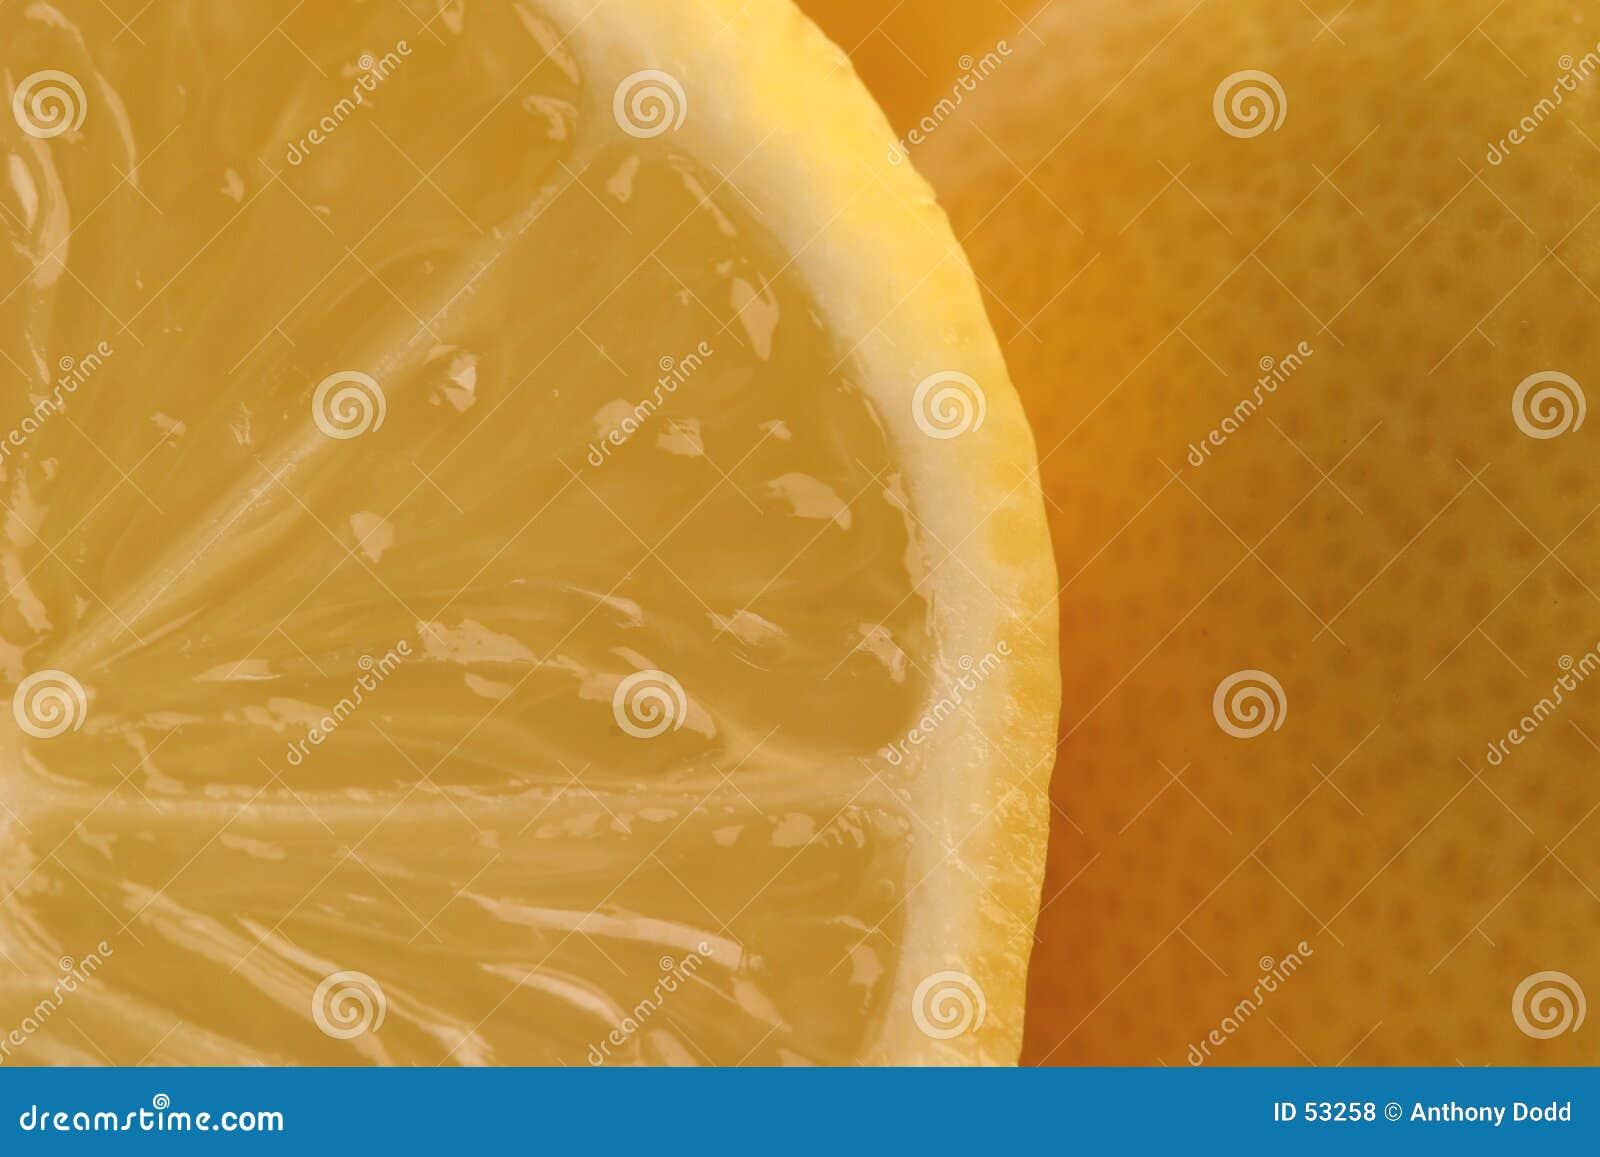 Segmentos del limón